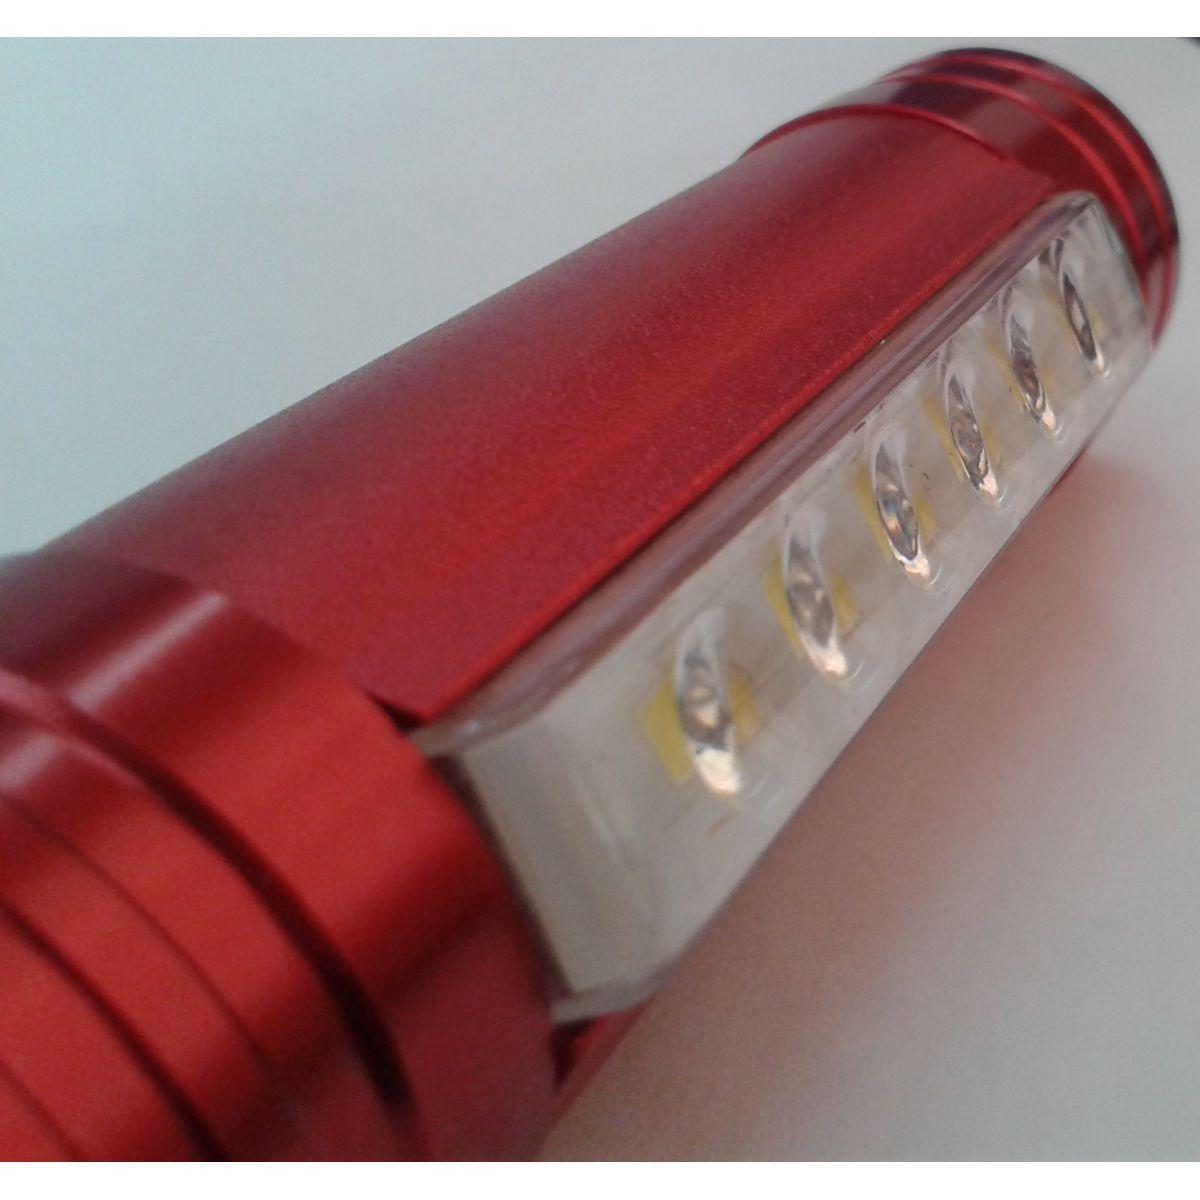 Lanterna de Led de Cabeça e Carregador de Celular - Frete Grátis  - Thata Esportes